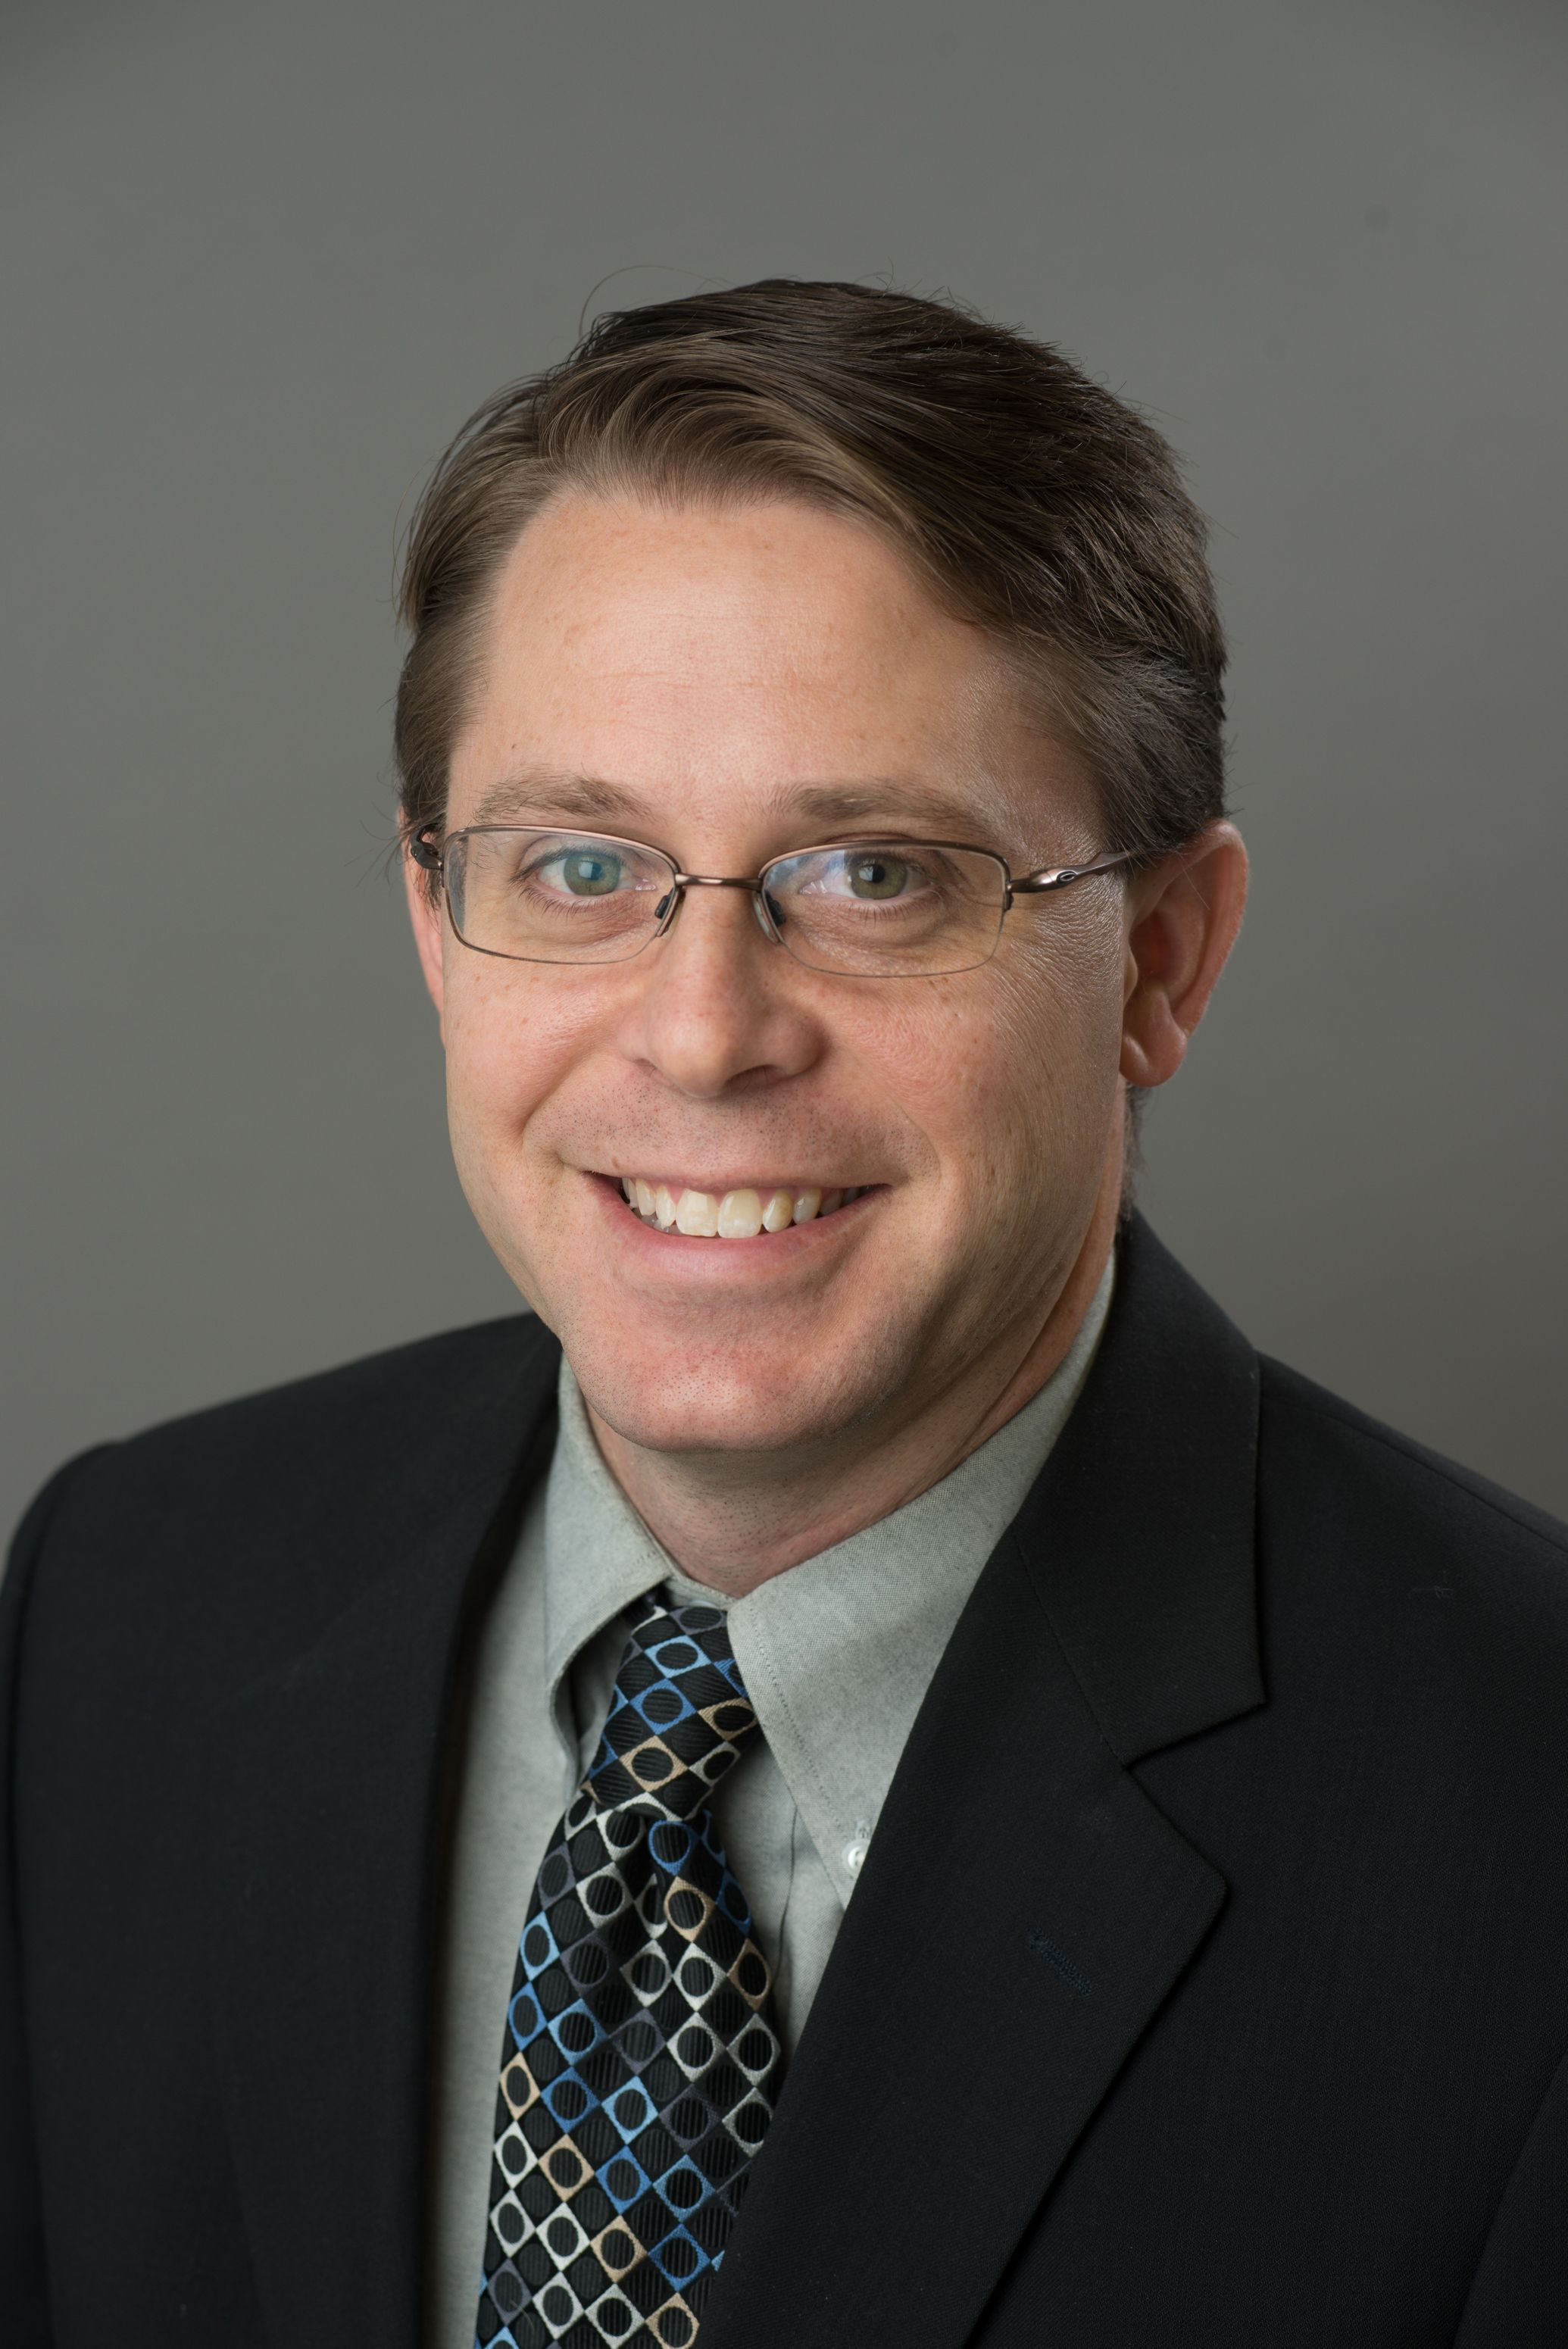 Dr. Robert M. Law Boardcertified Dermatopathology by